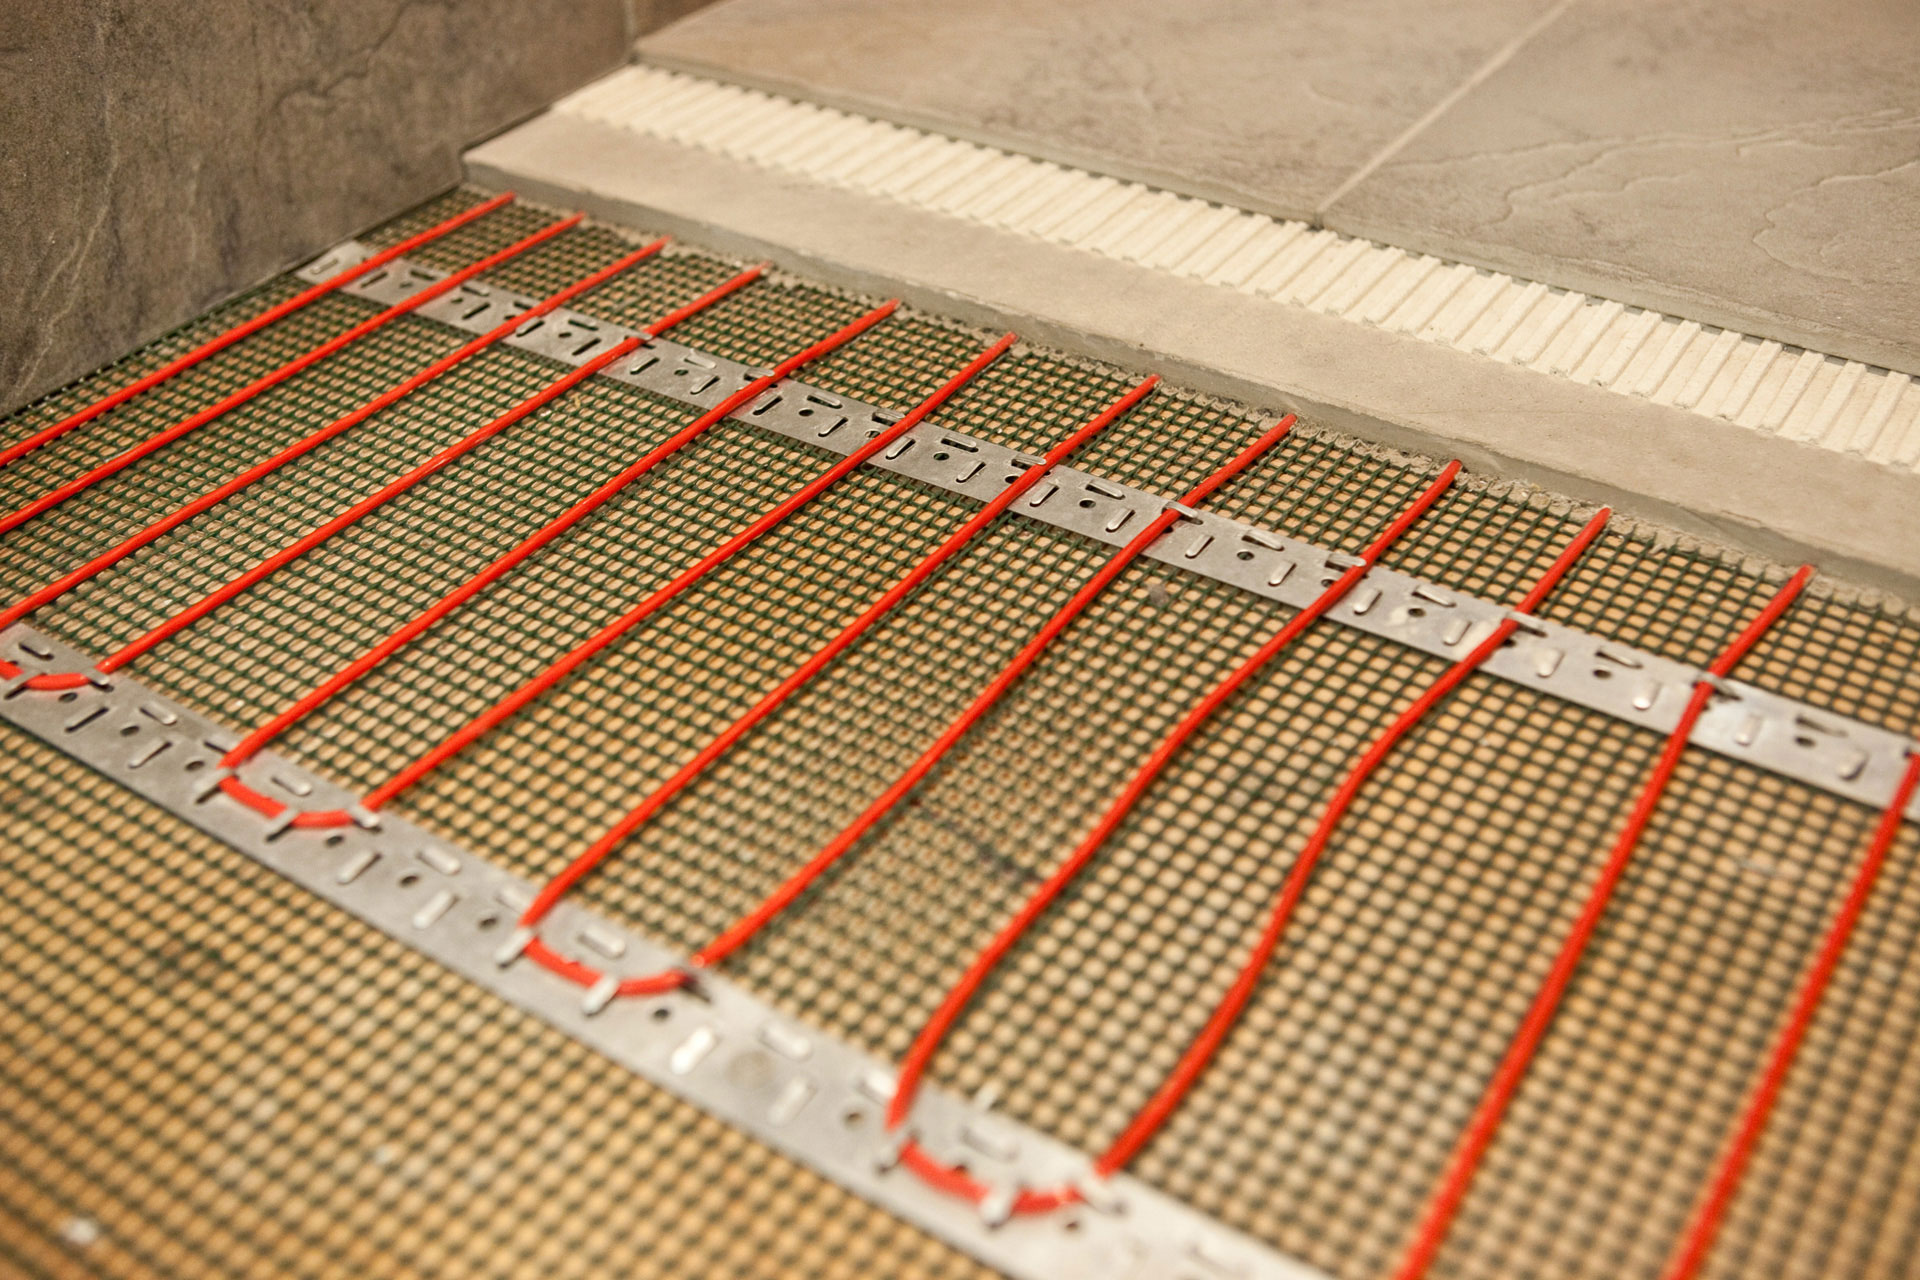 Elektromos padlófűtés napelemmel, mint megújuló energia, olcsó fűtés